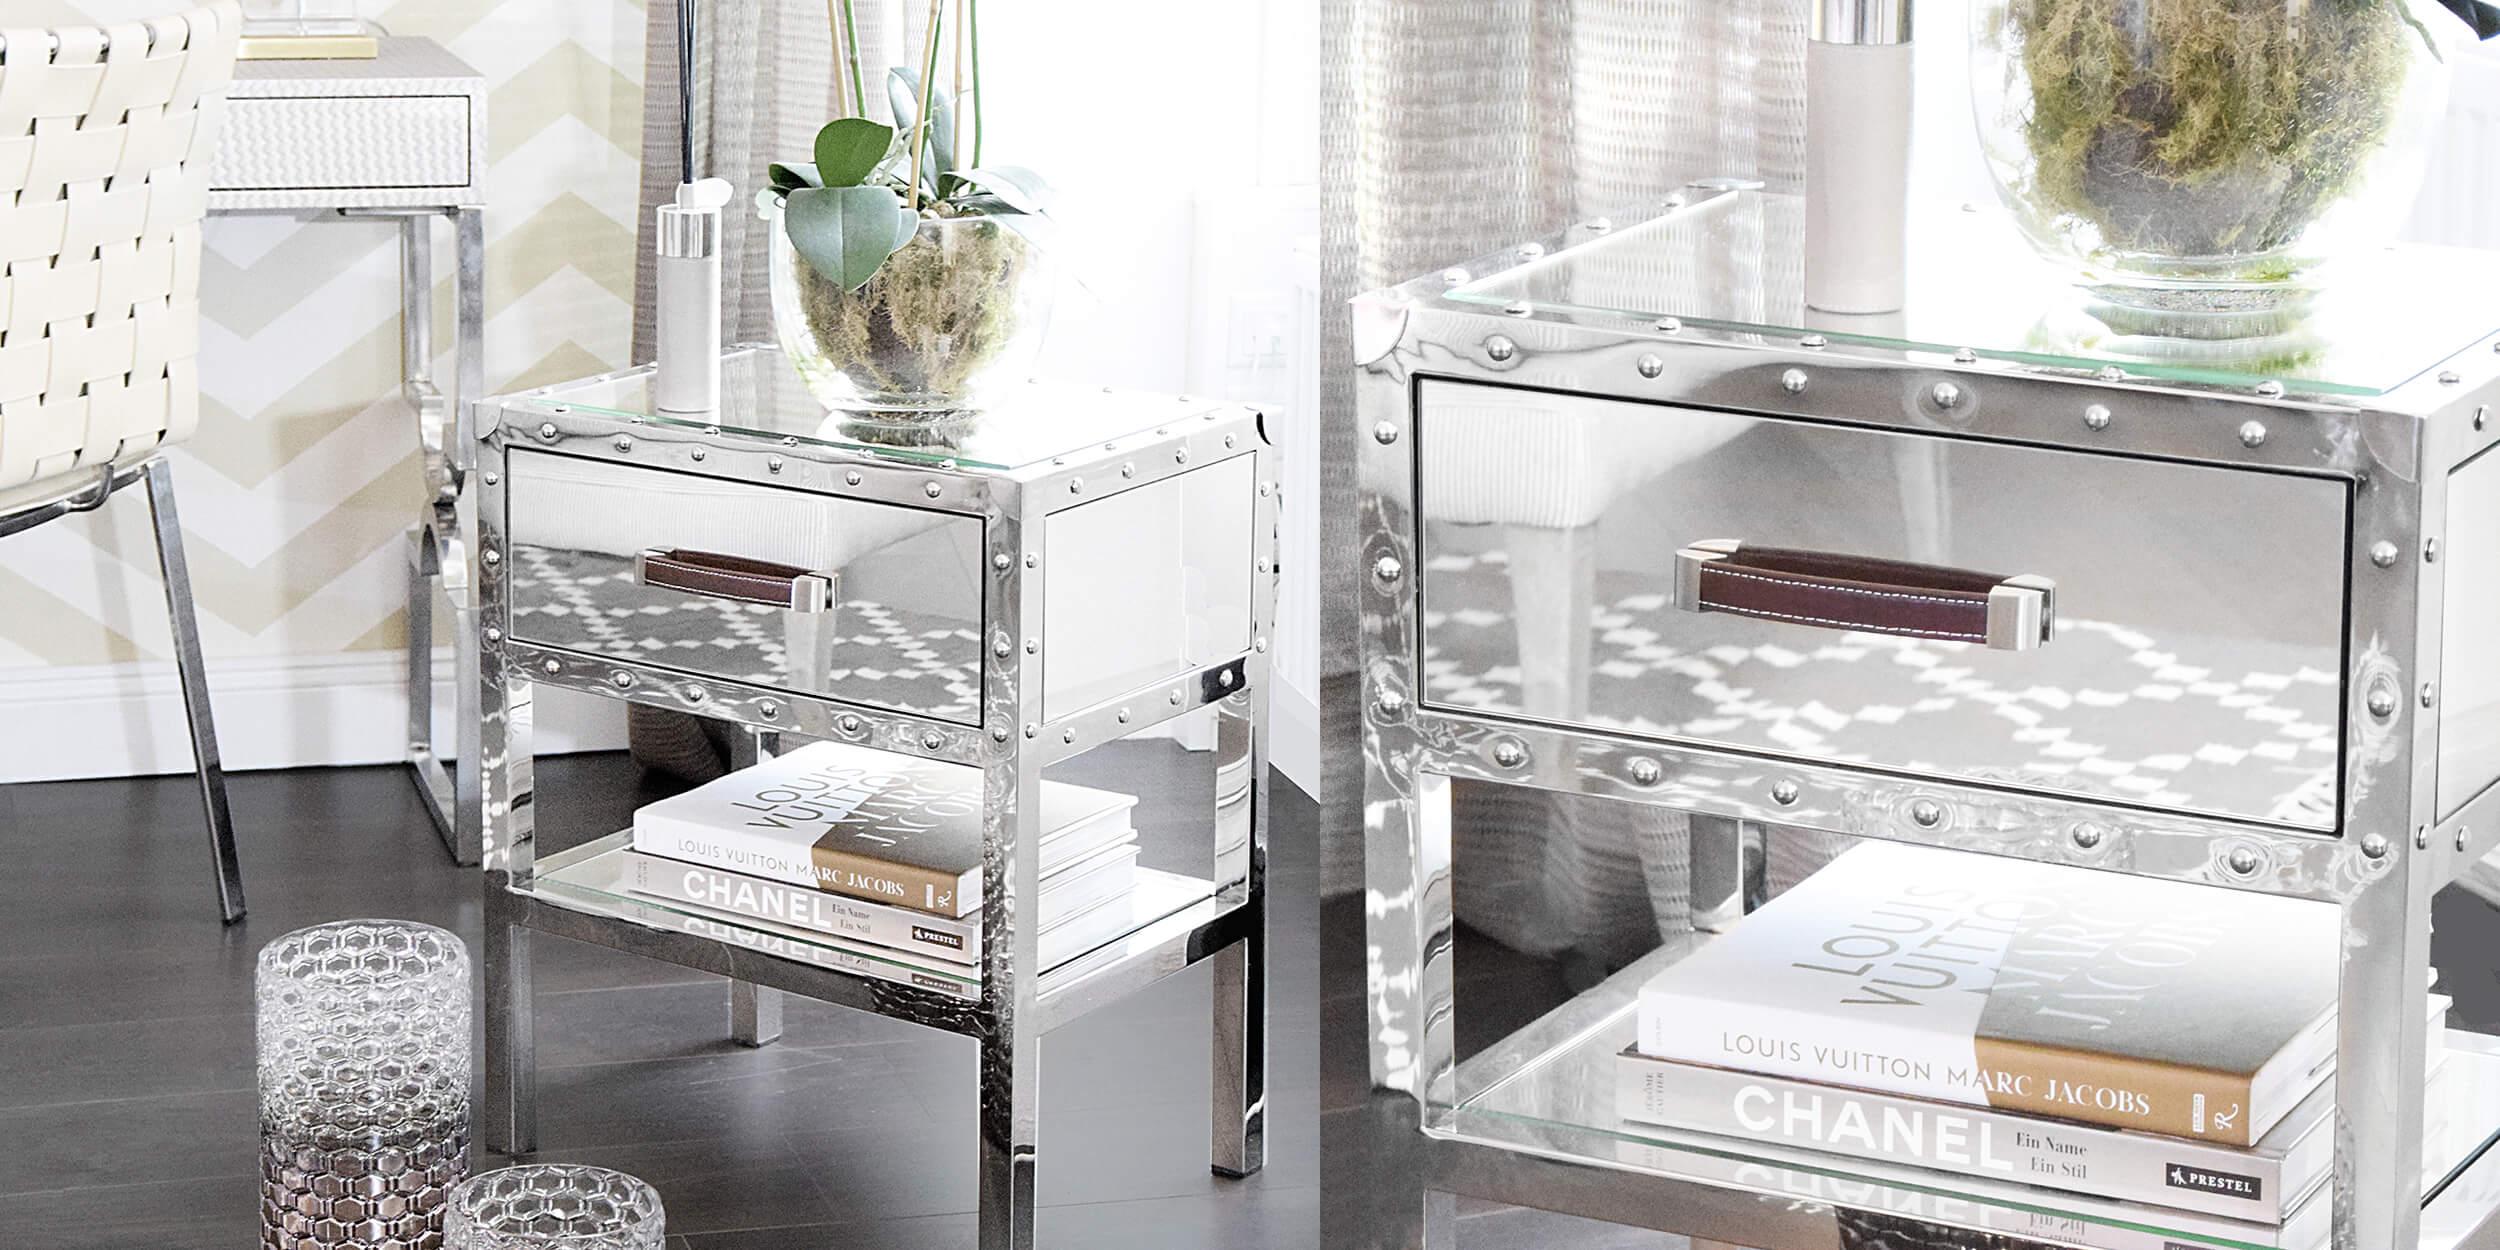 verspiegelter Nachttisch im trendigen Koffer-Style